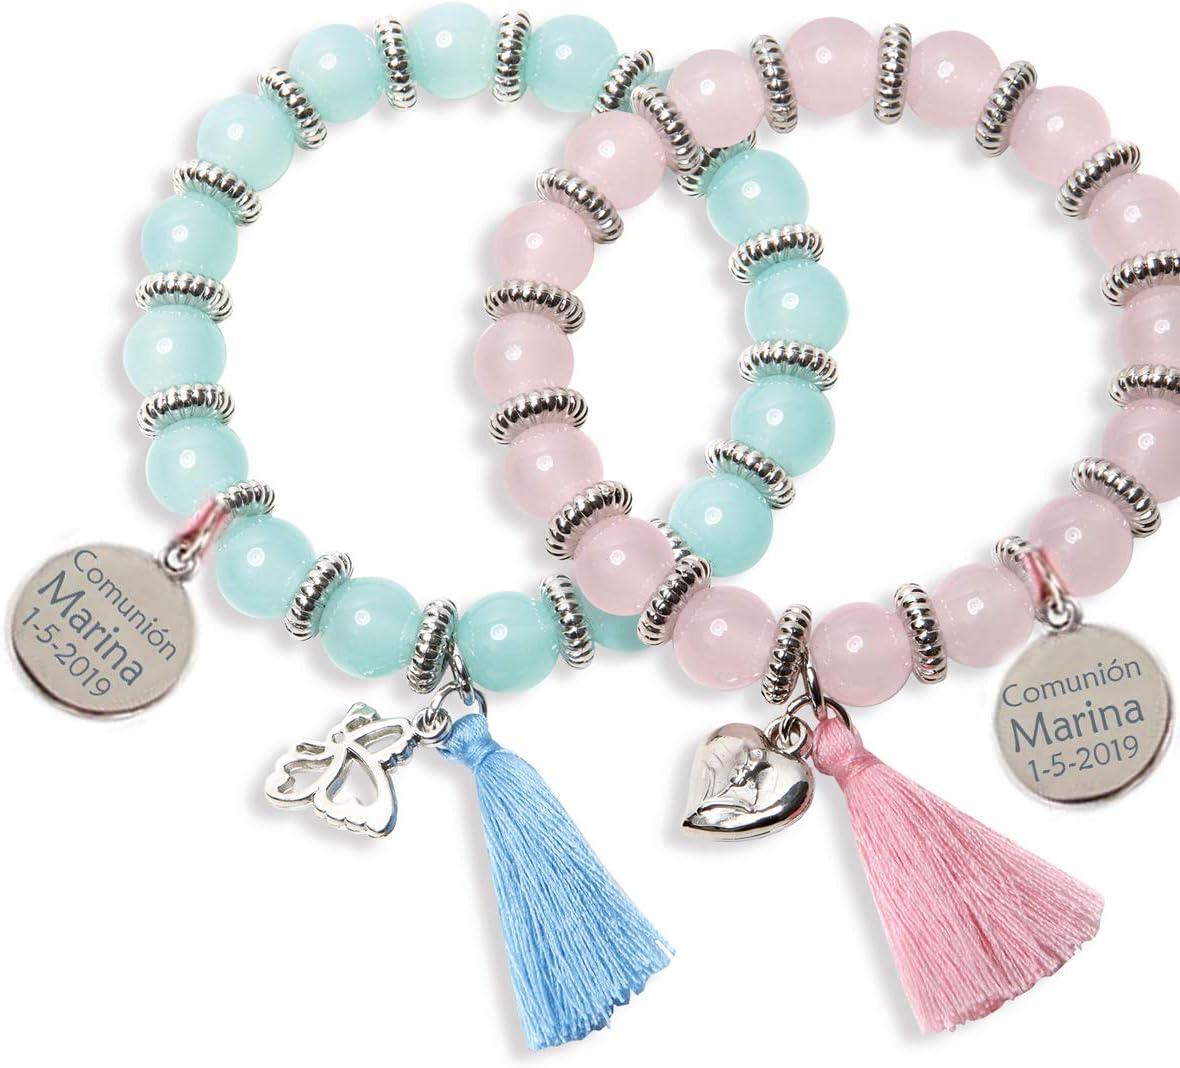 Lote 10 pulseras sweet presentadas en estuche para regalar, con CHARM PERSONALIZADO, grabado con texto que quieras. Ideales para regalos de comuniones boda y bautizos